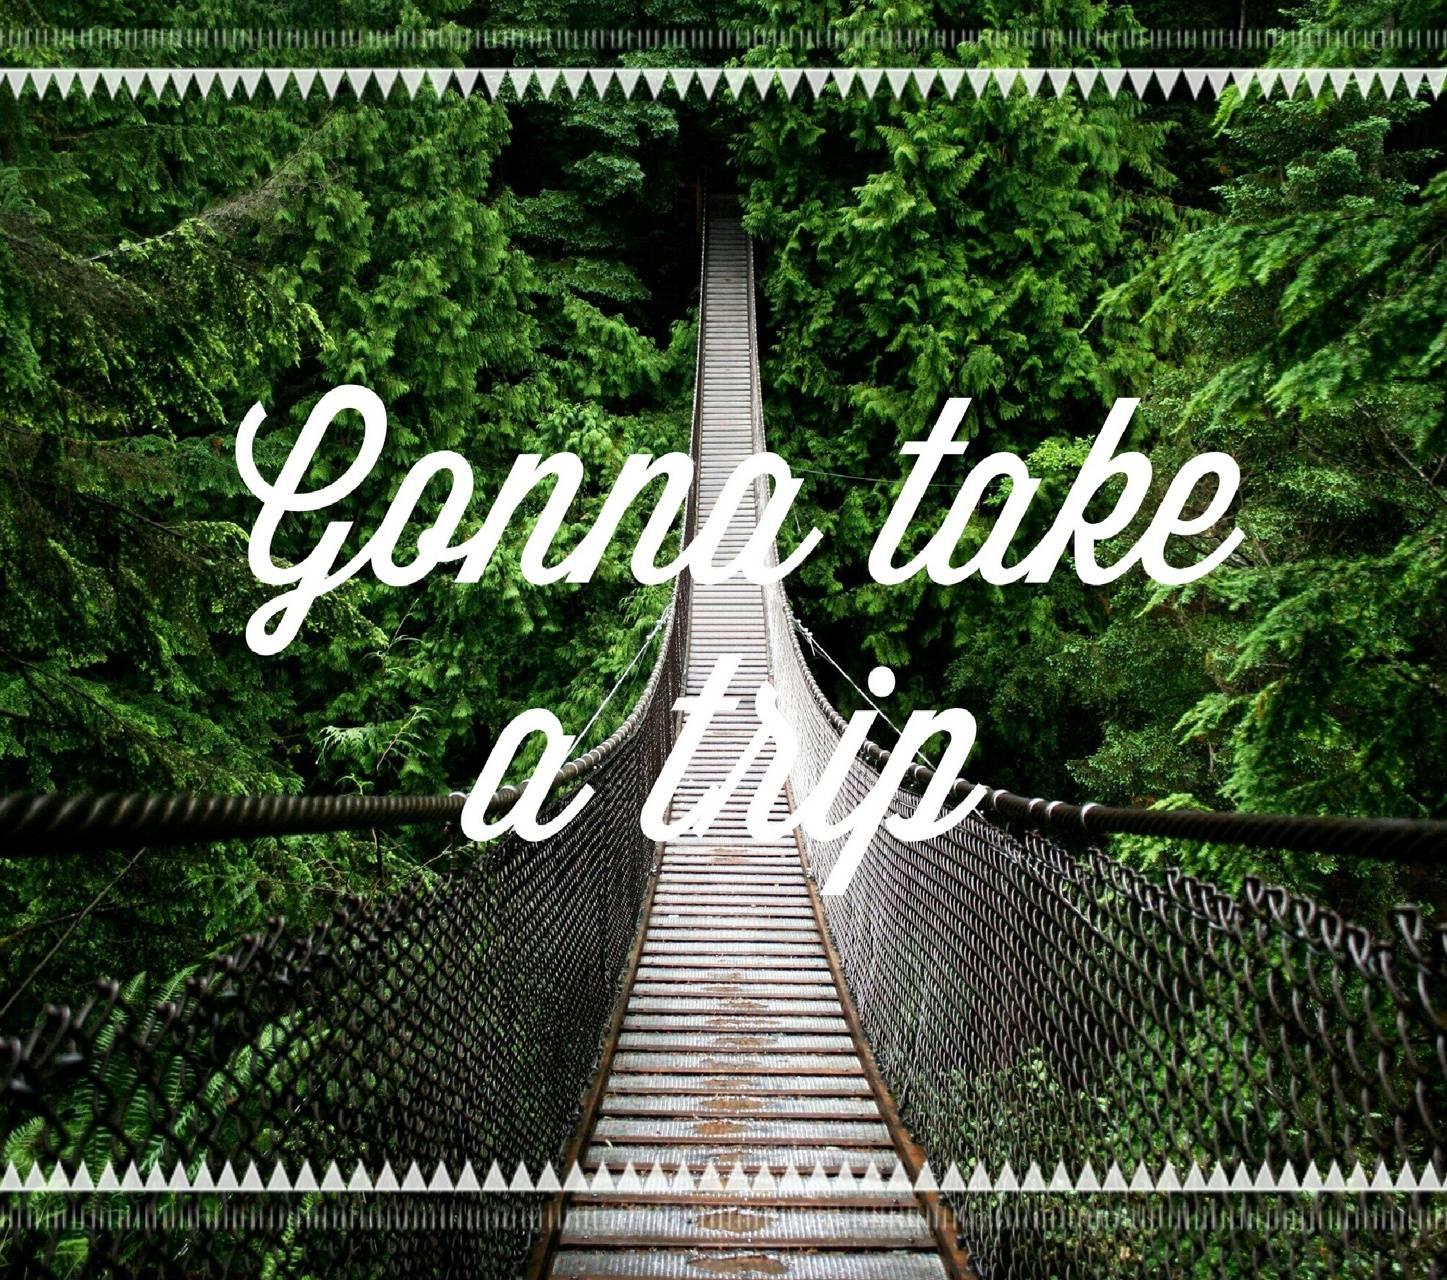 Gonna take a trip